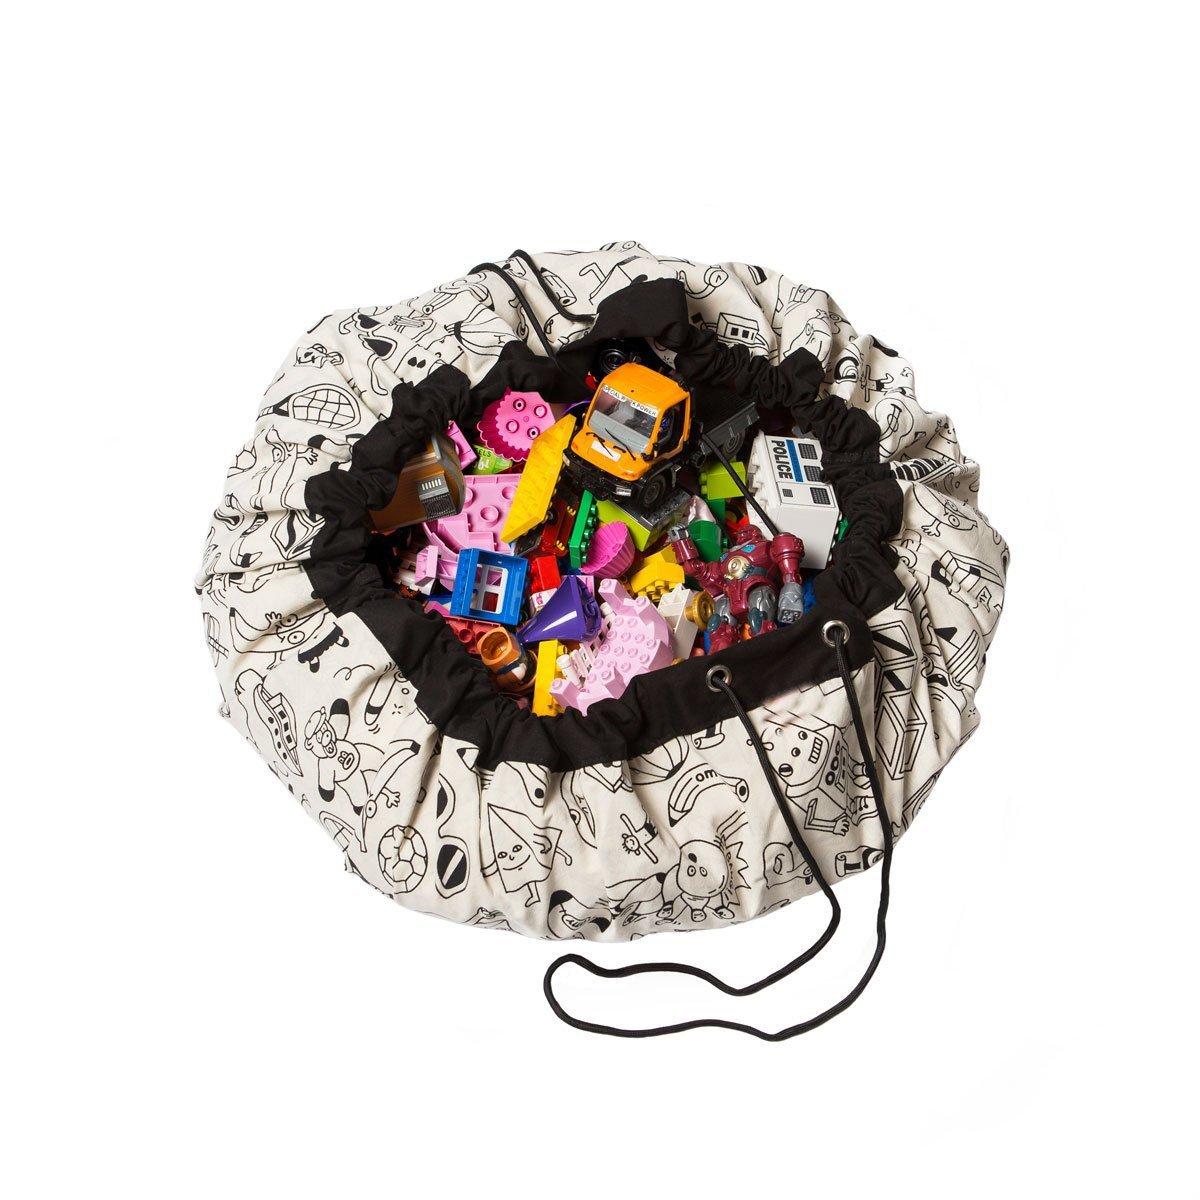 Tappeto rotondo cameretta dei bambini, giocattoli organizer per borsa, grande in cotone Cartoon antiscivolo tappetino da gioco per bambini, con coulisse per la camera dei bambini zhanlan